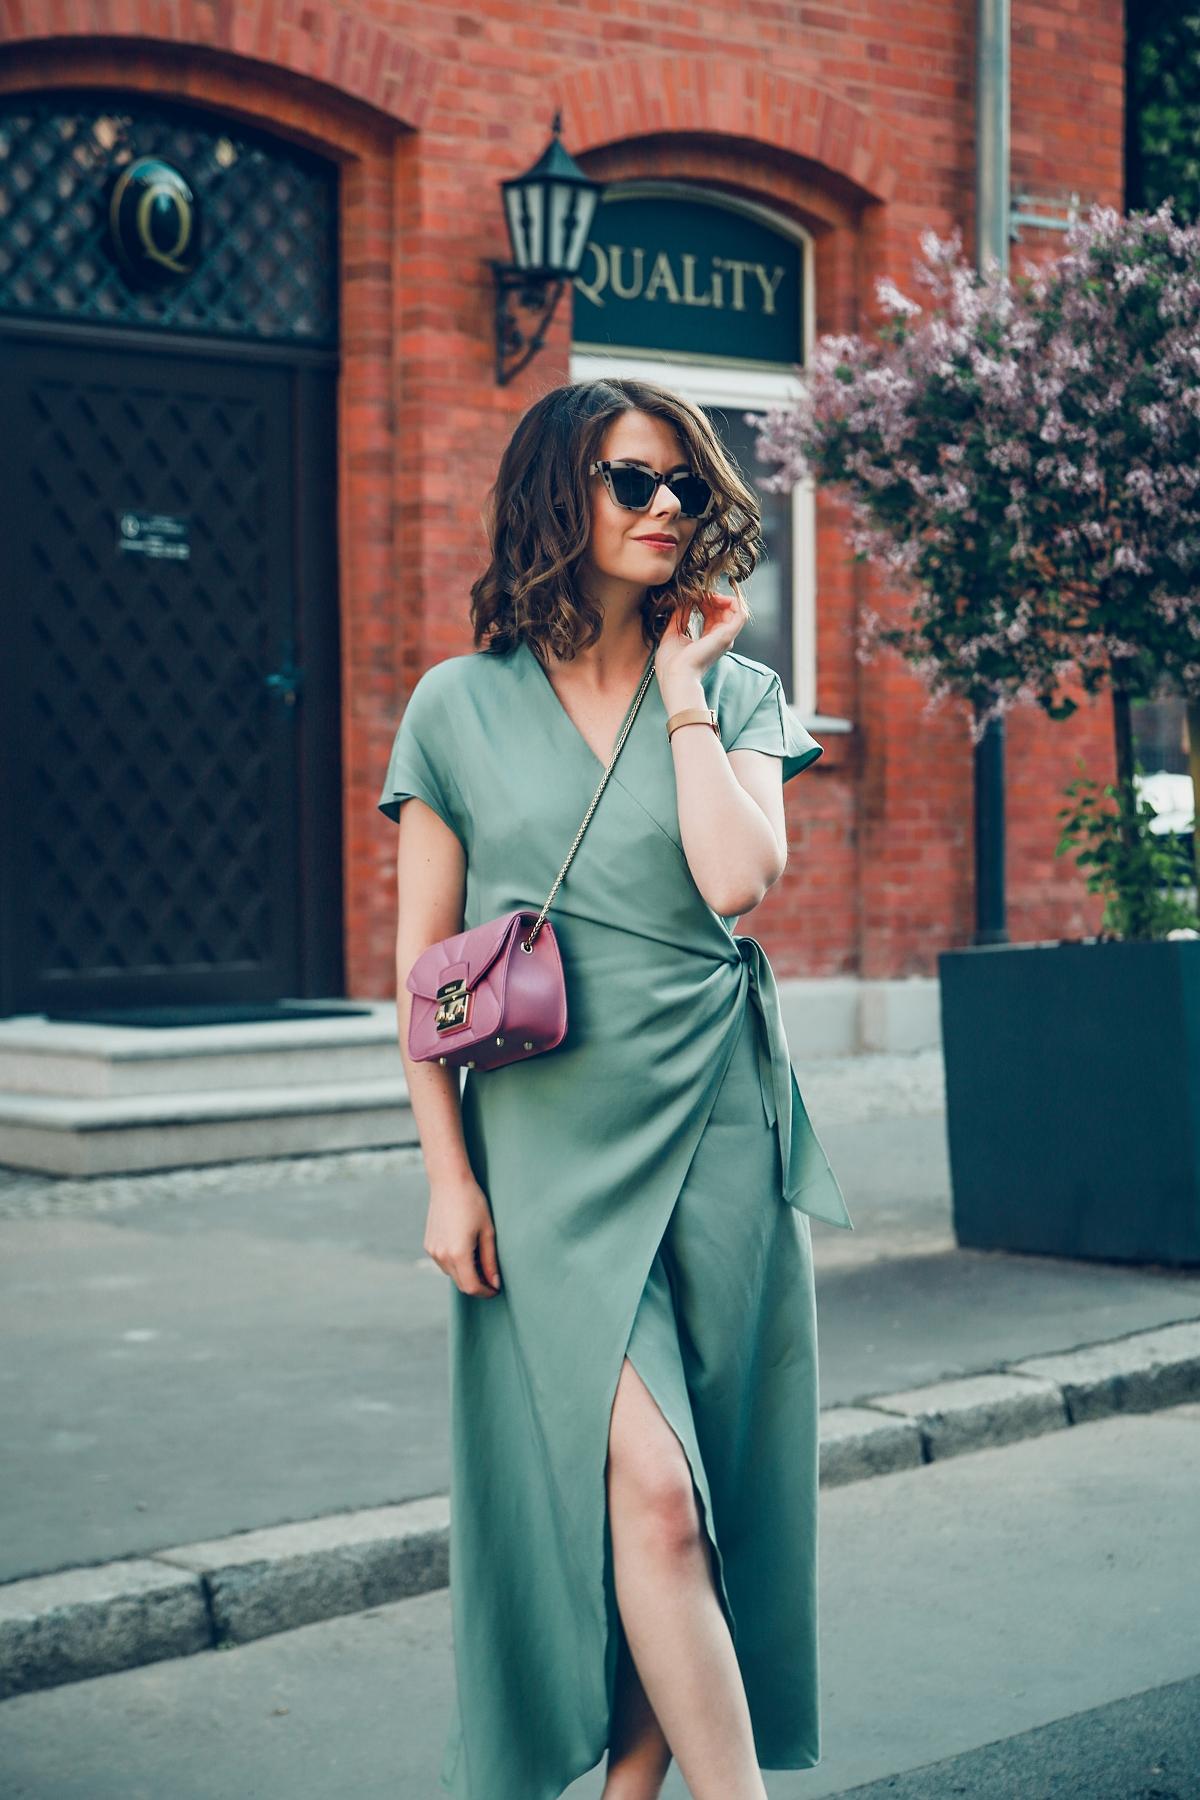 sukienka-na-wesele-mieta-i-kolor-lawendowy-blog-modowy-6-1